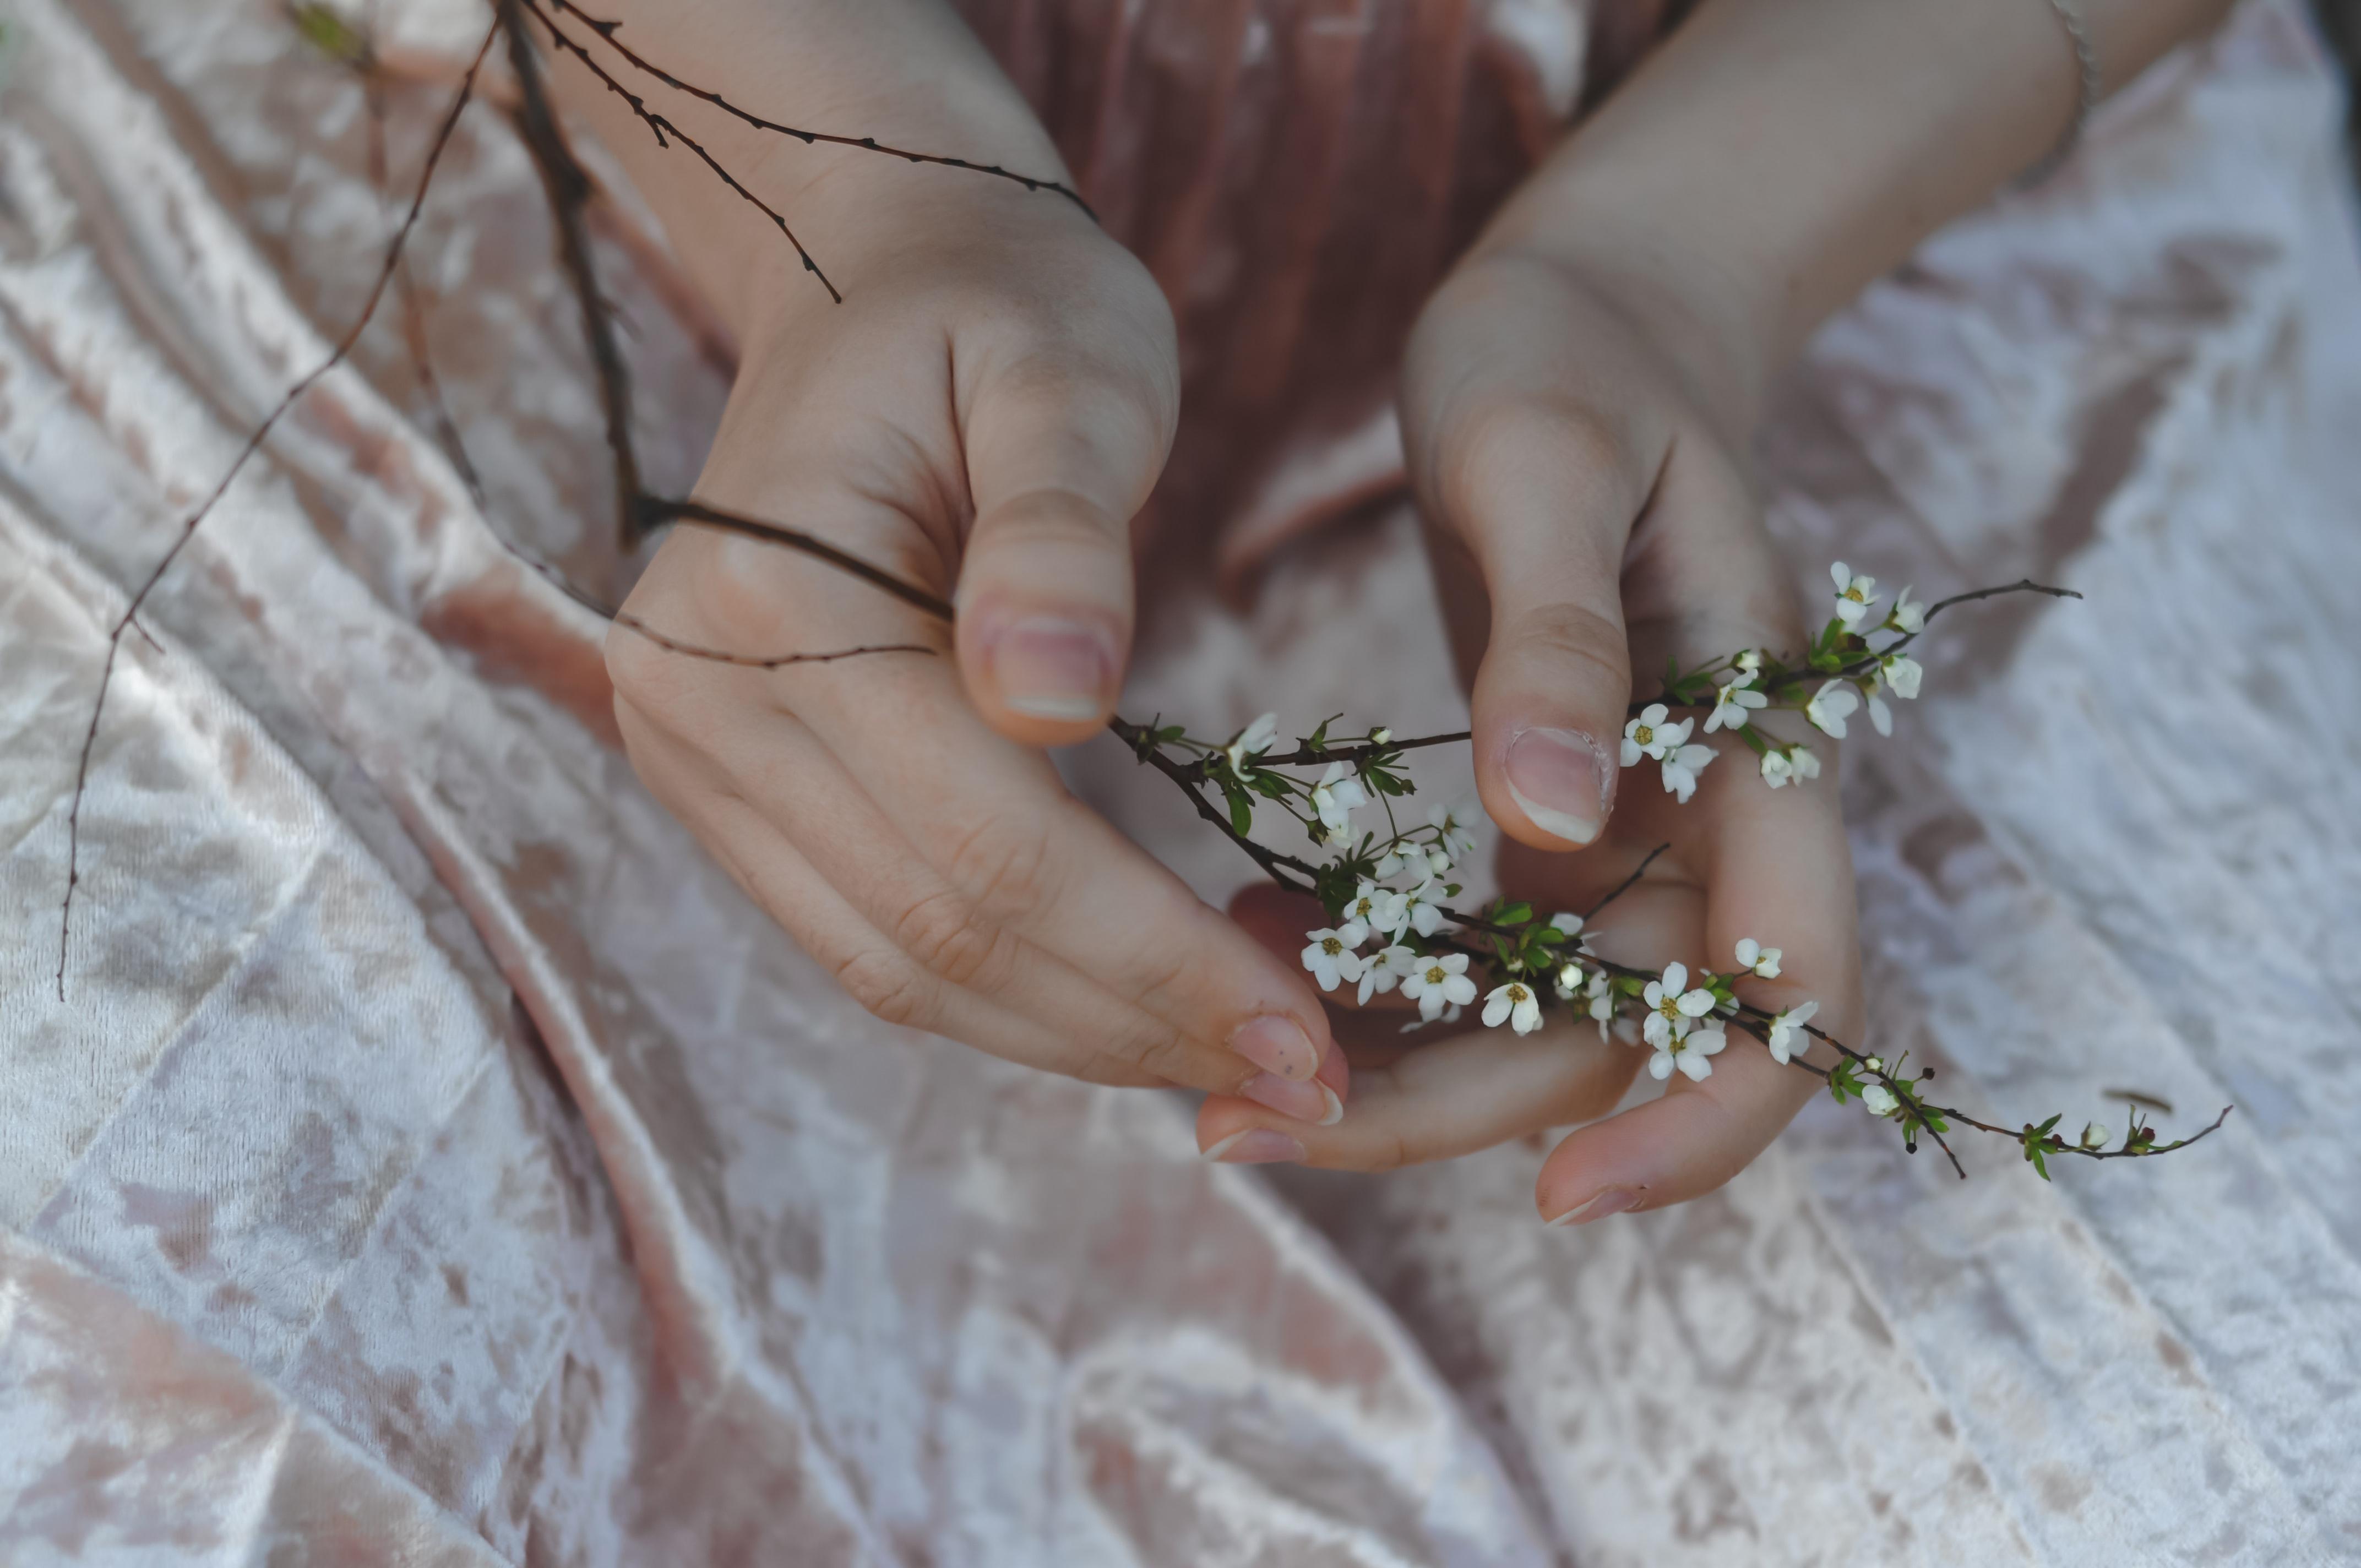 bàn tay cầm nhành hoa